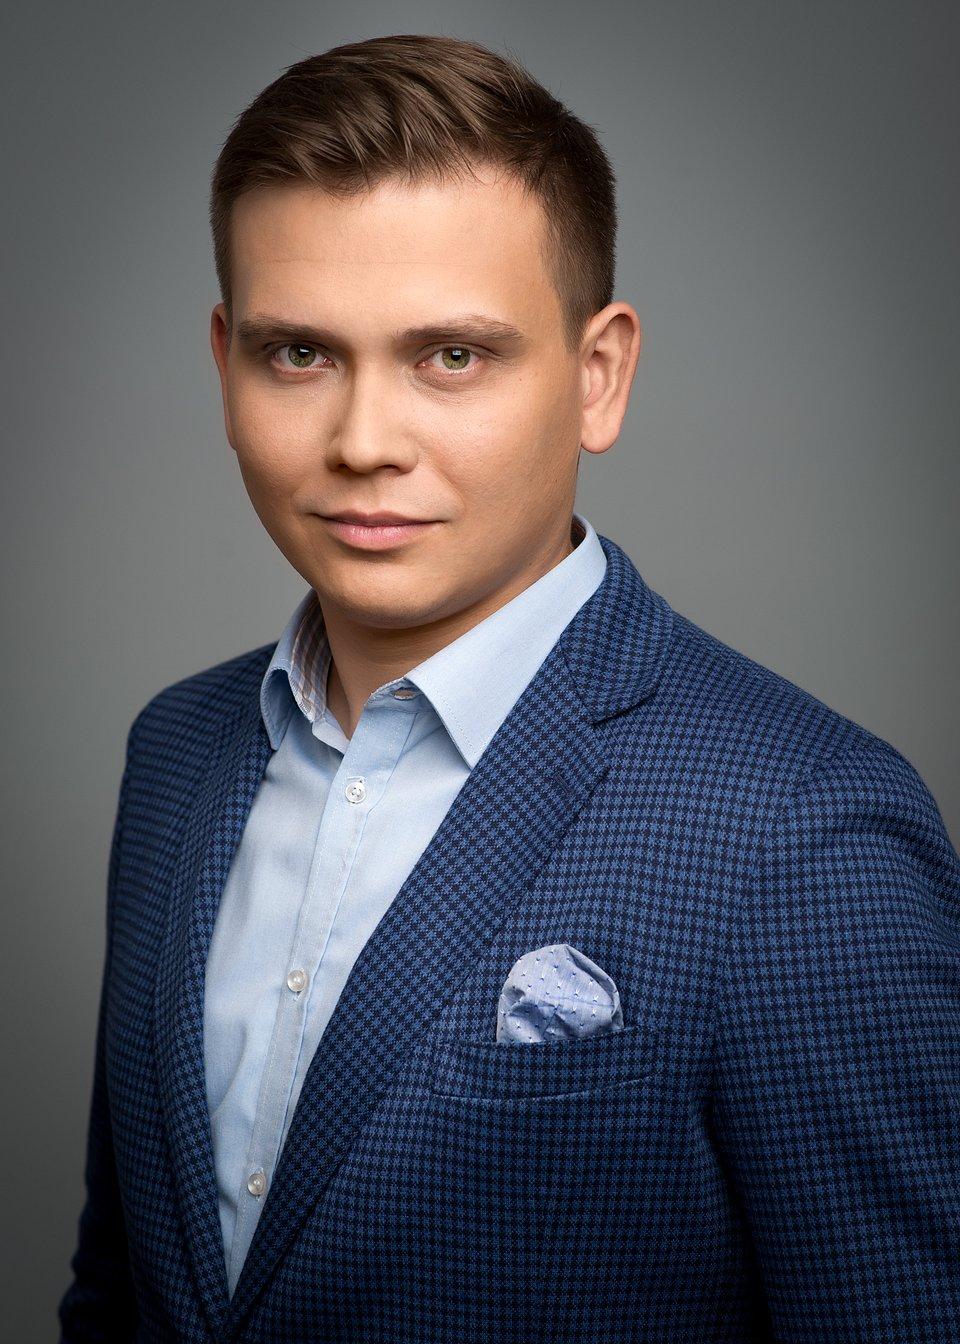 Tomasz Piecychna, CEO Forbis Group Sp. z o.o.